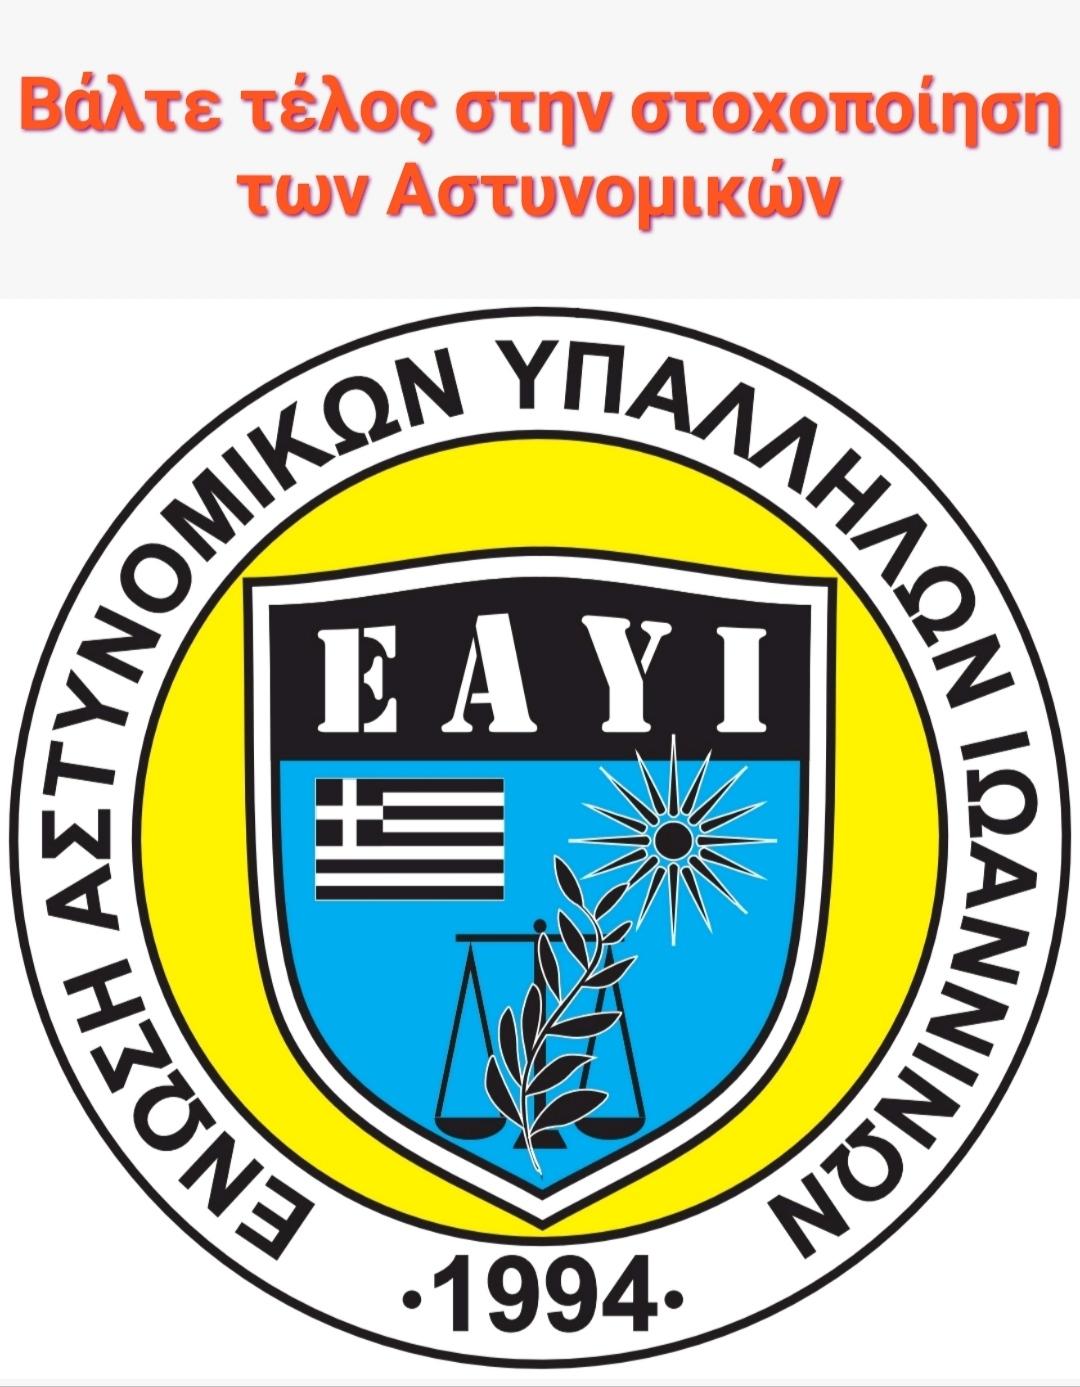 Ένωση Αστυνομικών Υπαλλήλων Ν.Ιωαννίνων  «Βάλτε τέλος στην στοχοποίηση των Αστυνομικών»